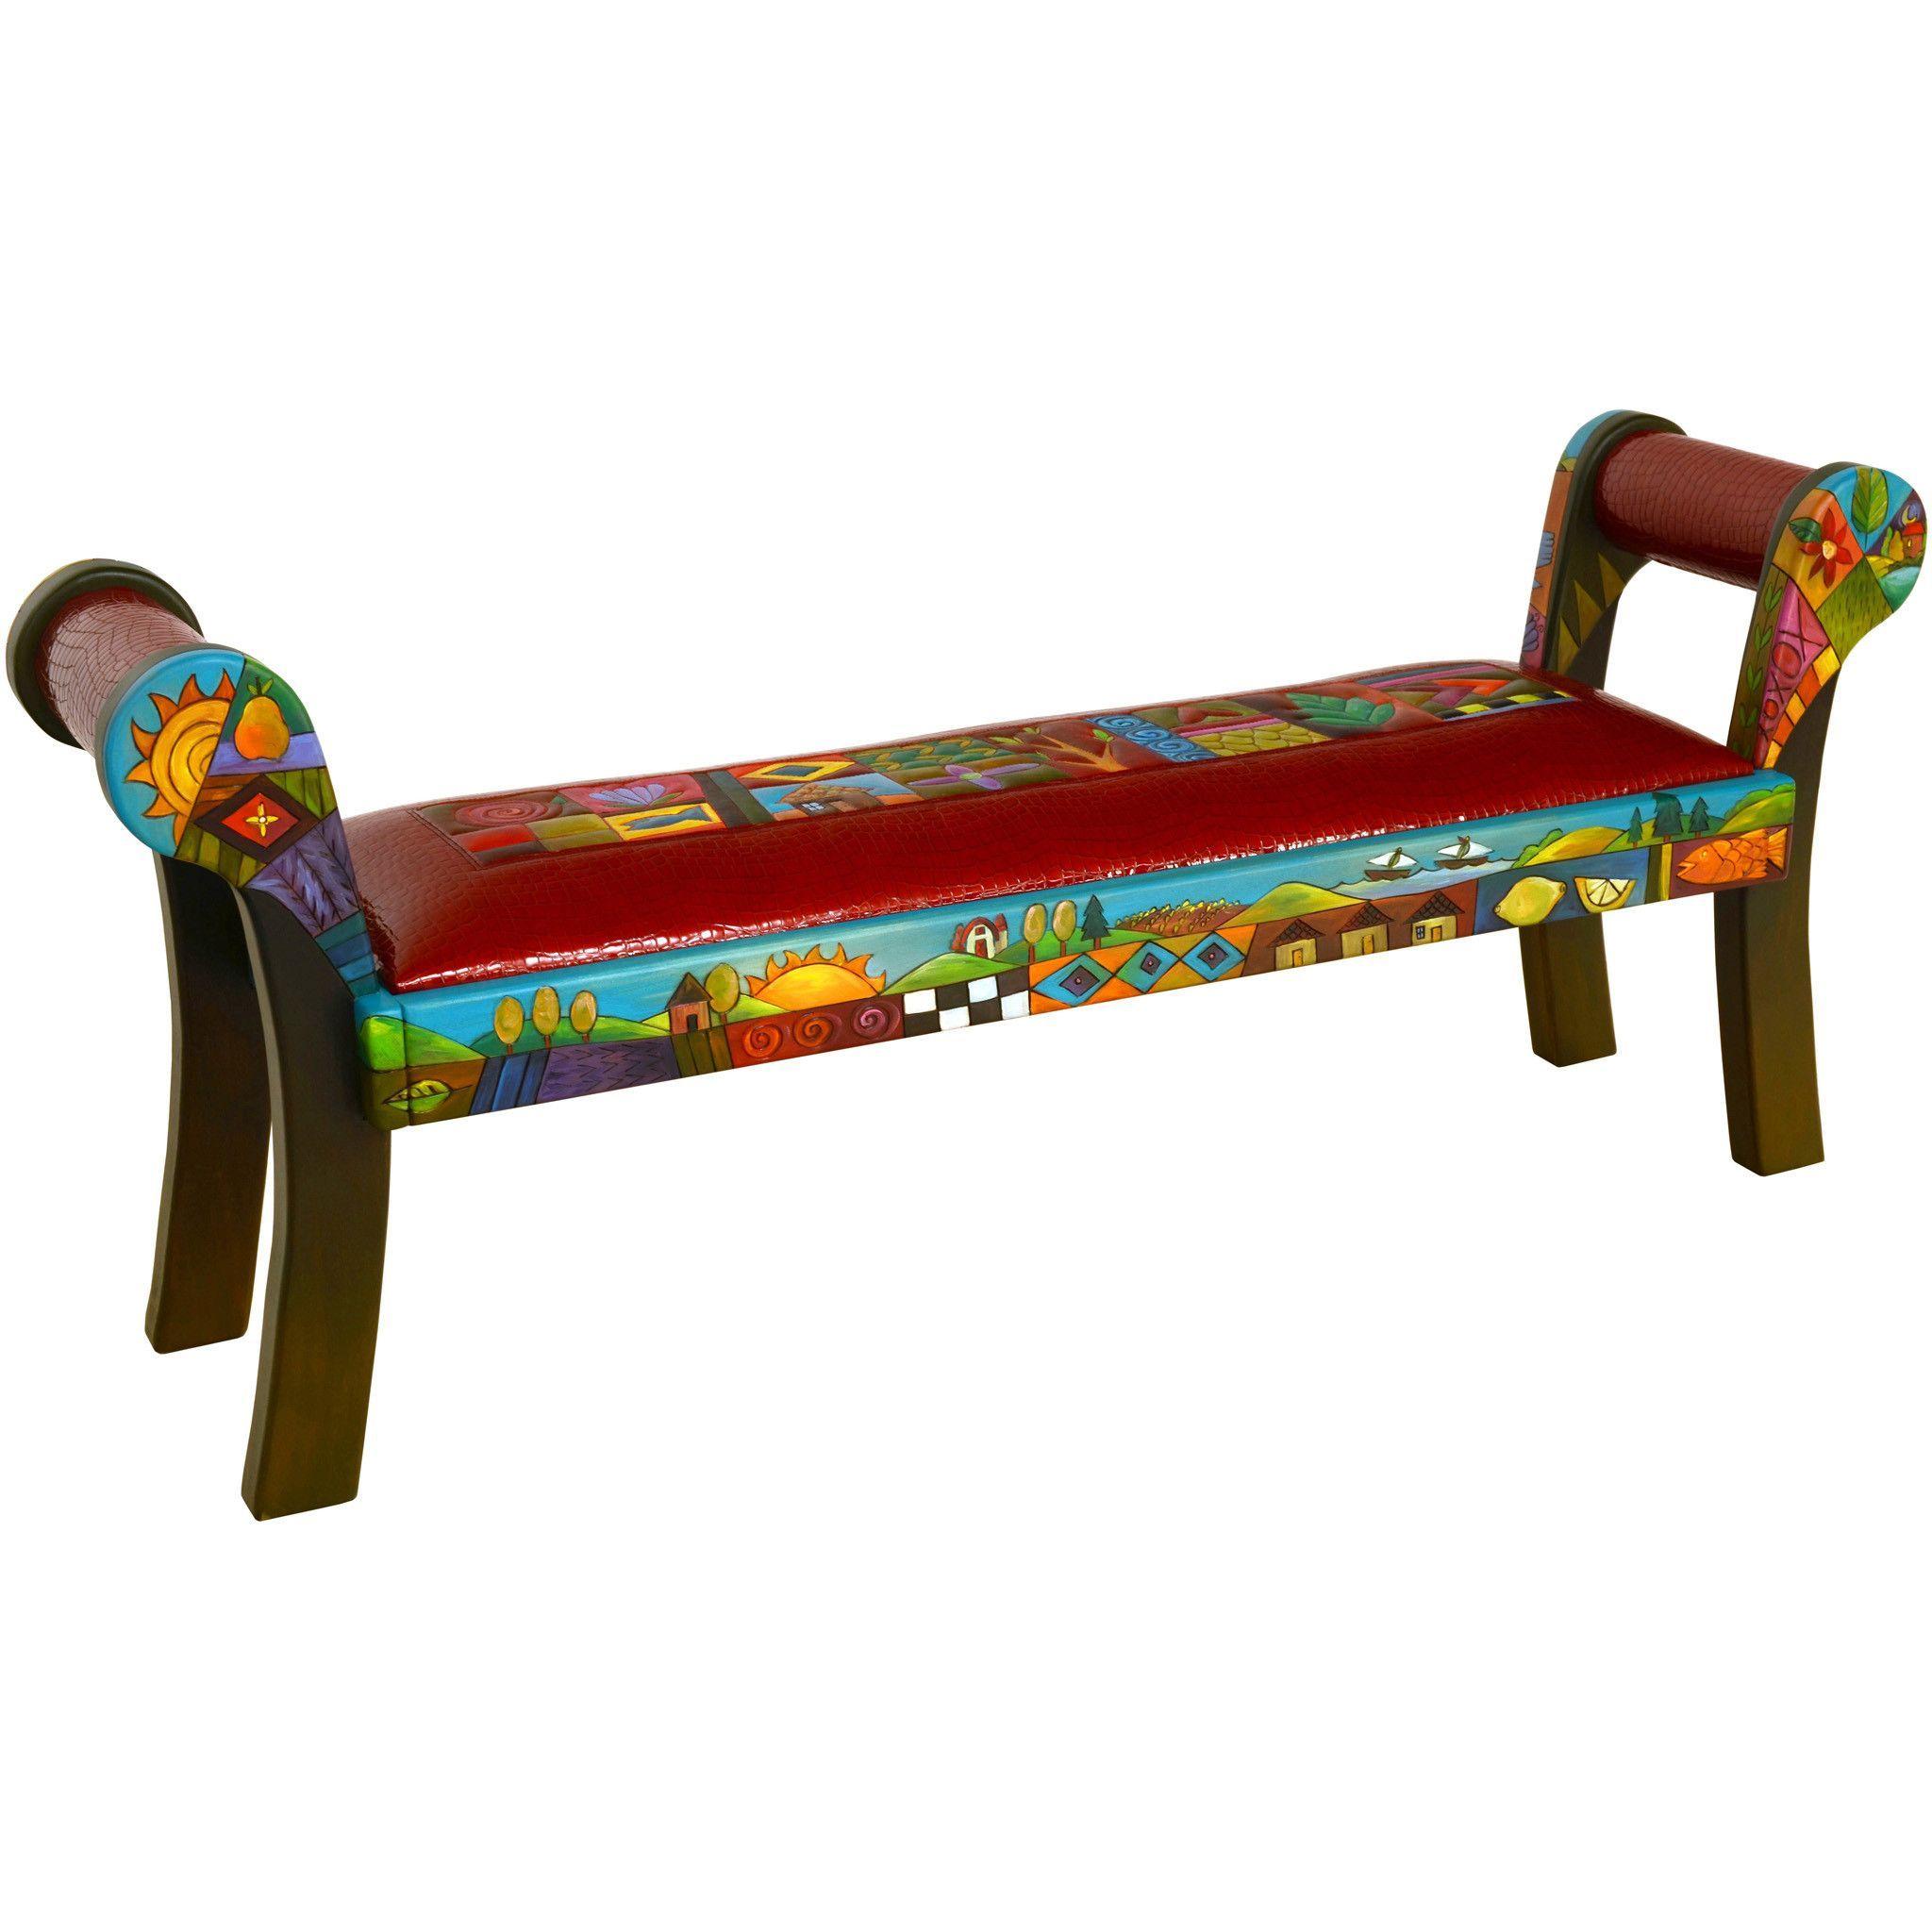 Roll Arm Bench By Sticks Ben050-D701026 | Mobilier De Salon ... dedans Salon De Jardin D Occasion